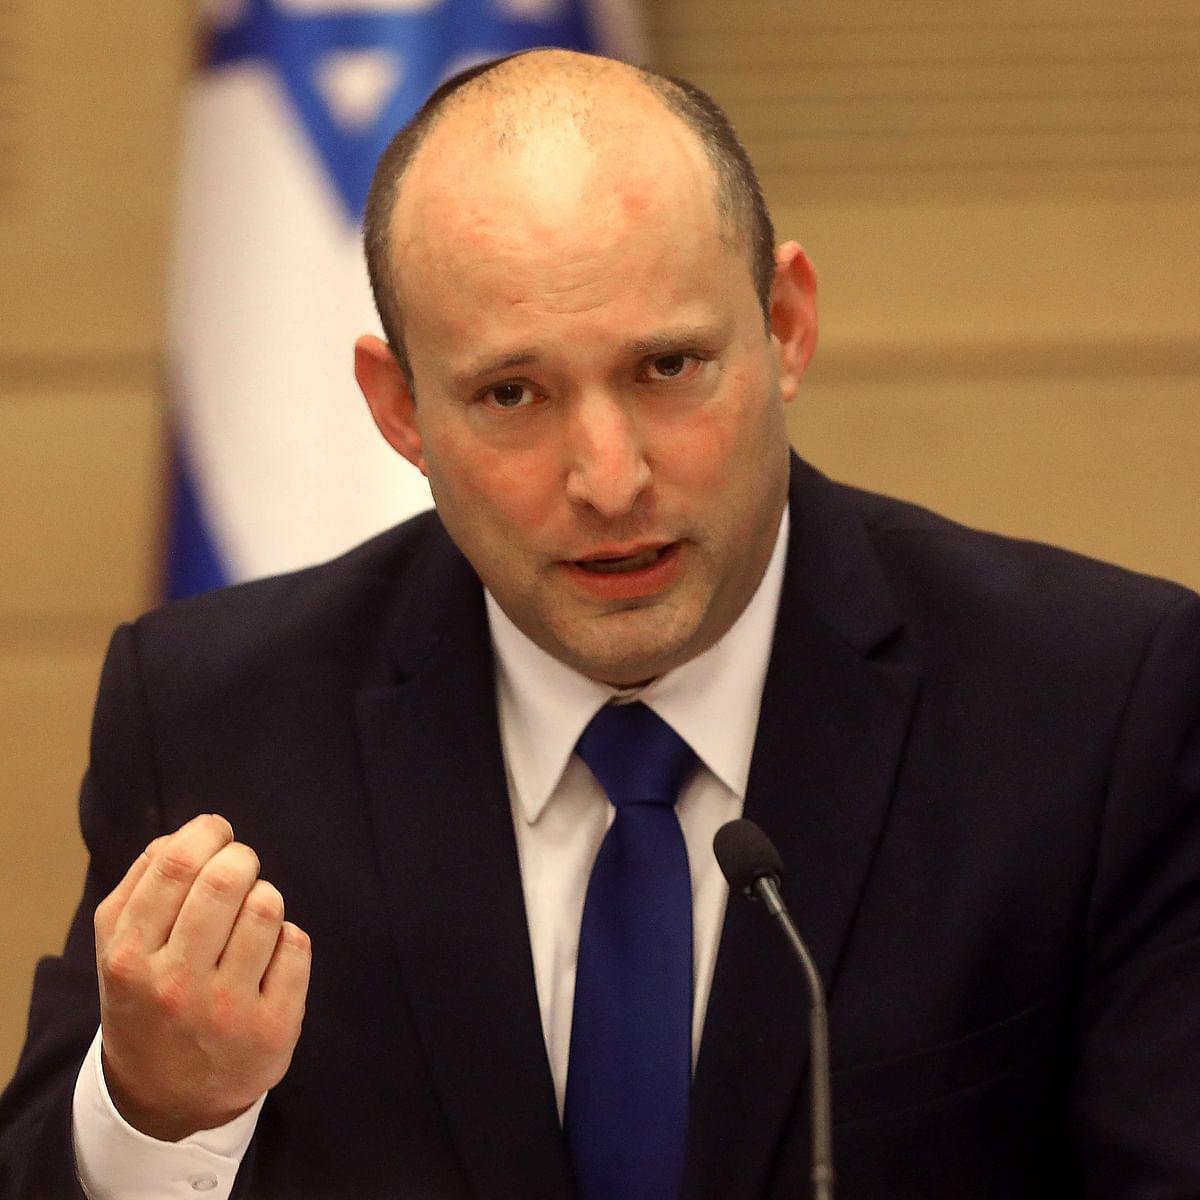 New Israeli PM Naftali Bennett warns Hamas against 'any more violence'